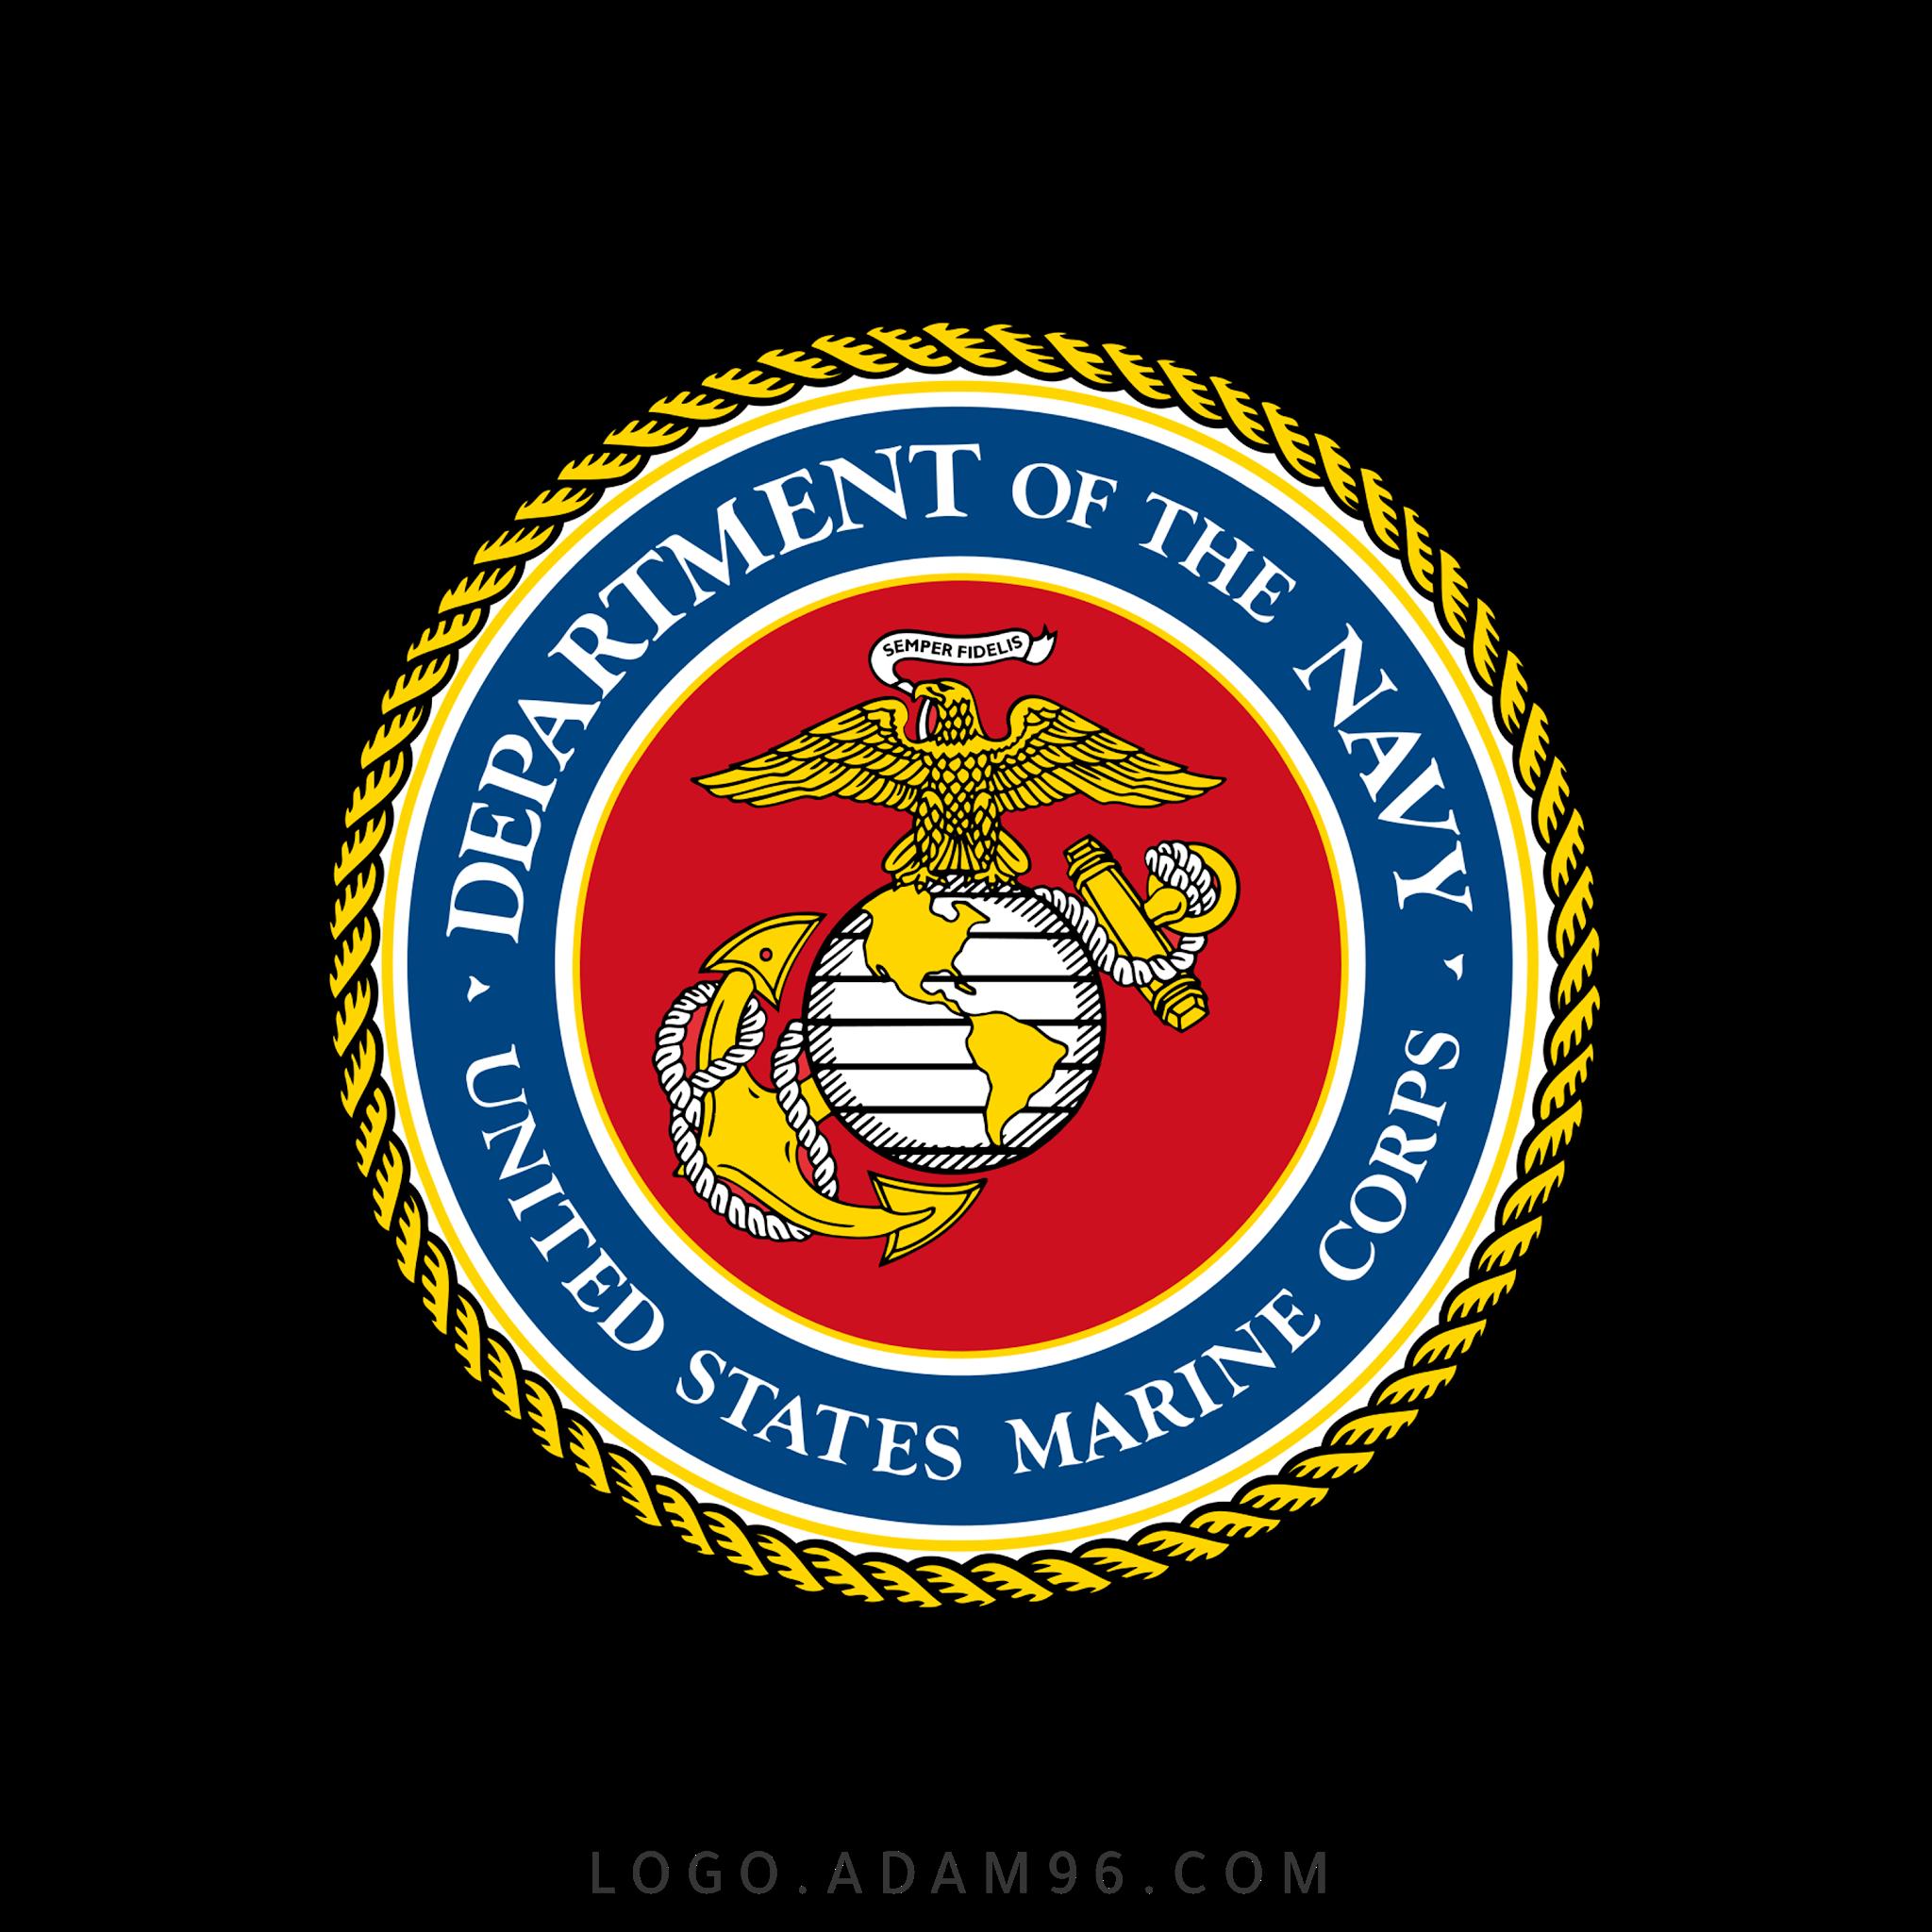 تحميل شعار قوات مشاة بحرية الولايات المتحدة لوجو رسمي عالي الجودة بصيغة PNG